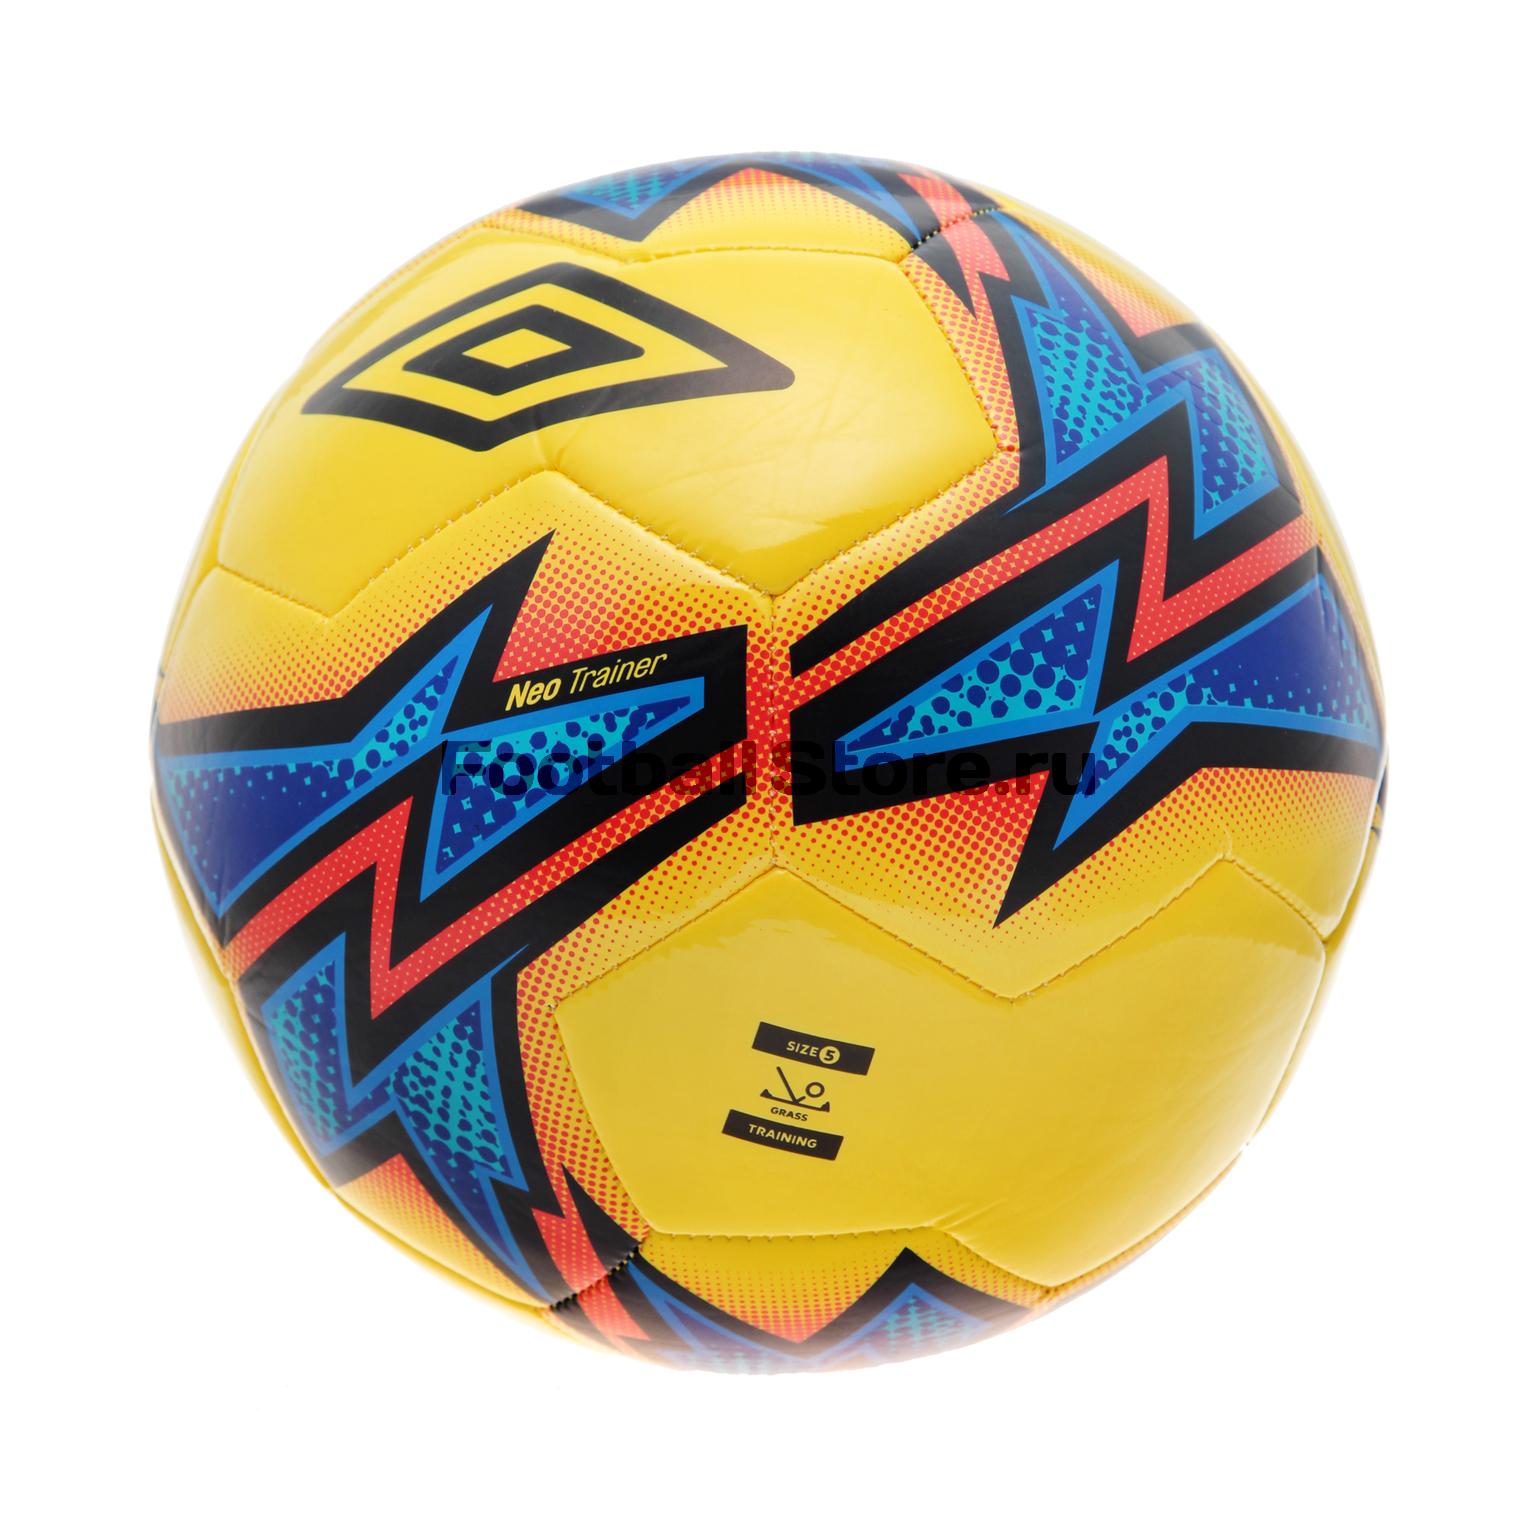 Футбольный мяч Umbro Trainer 20877U-1 мяч футбольный umbro neo classic р 5 20594u 157